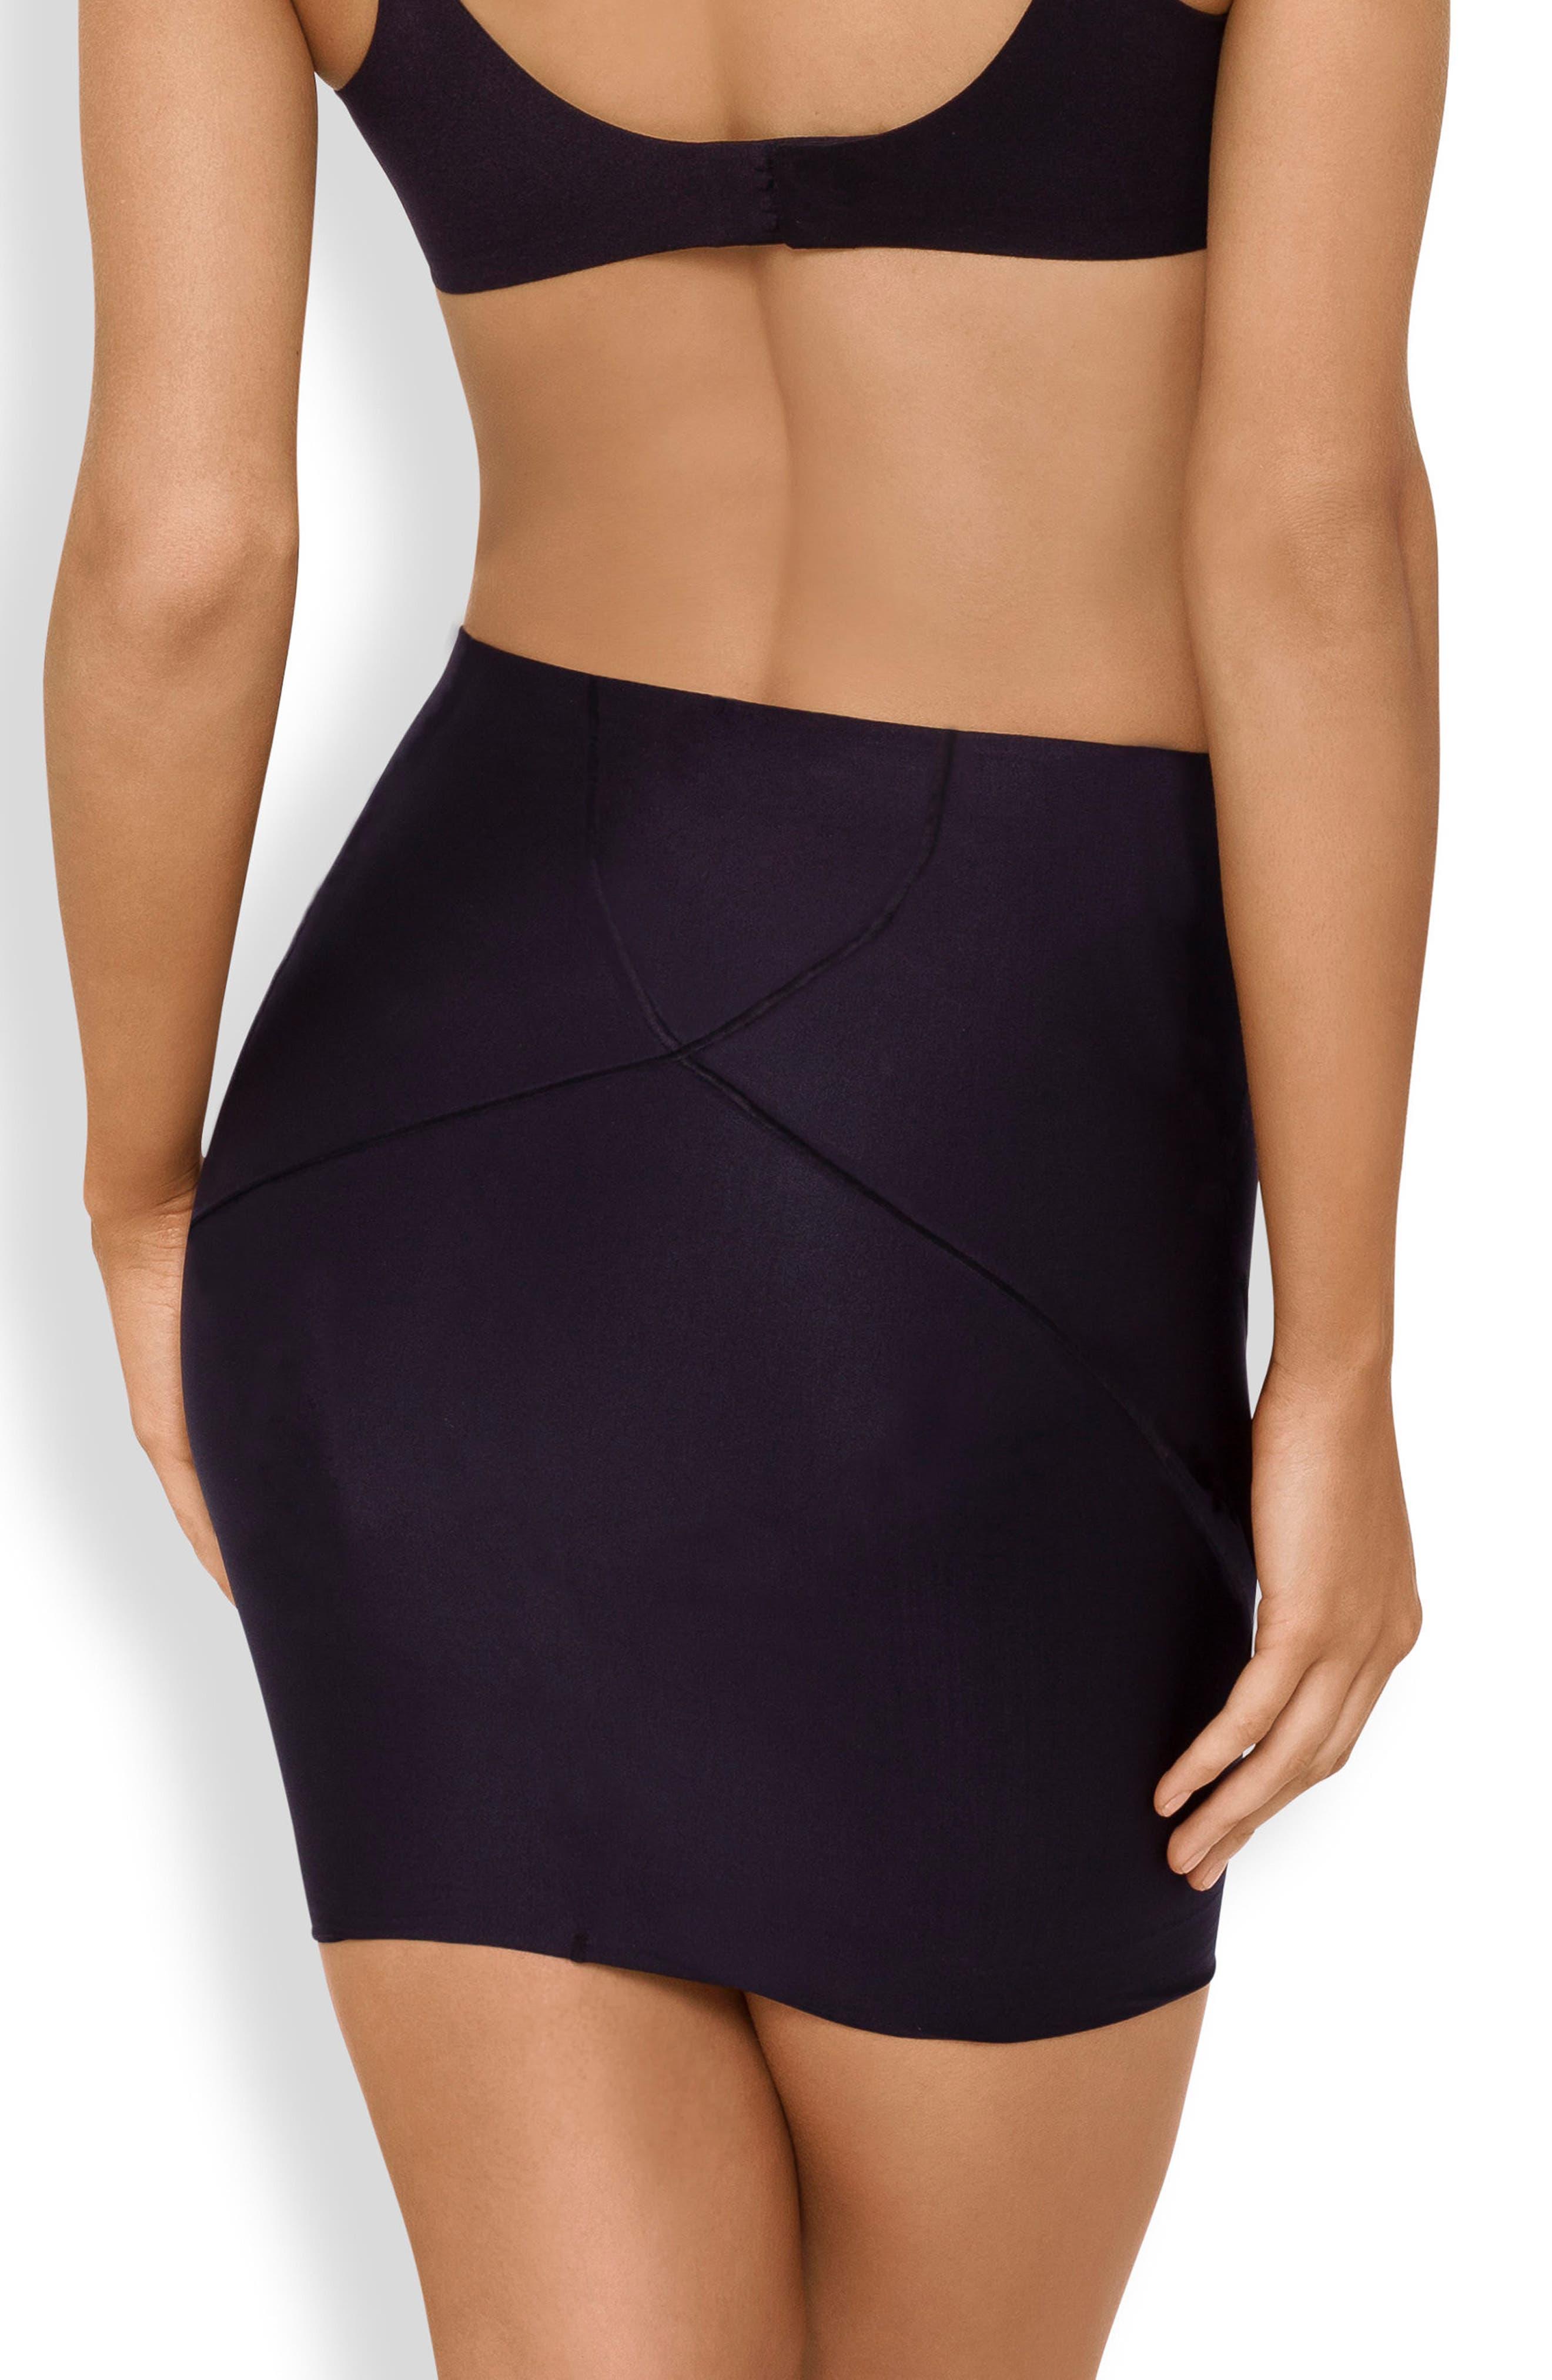 Body Architect Shaper Slip Skirt,                             Alternate thumbnail 2, color,                             Black